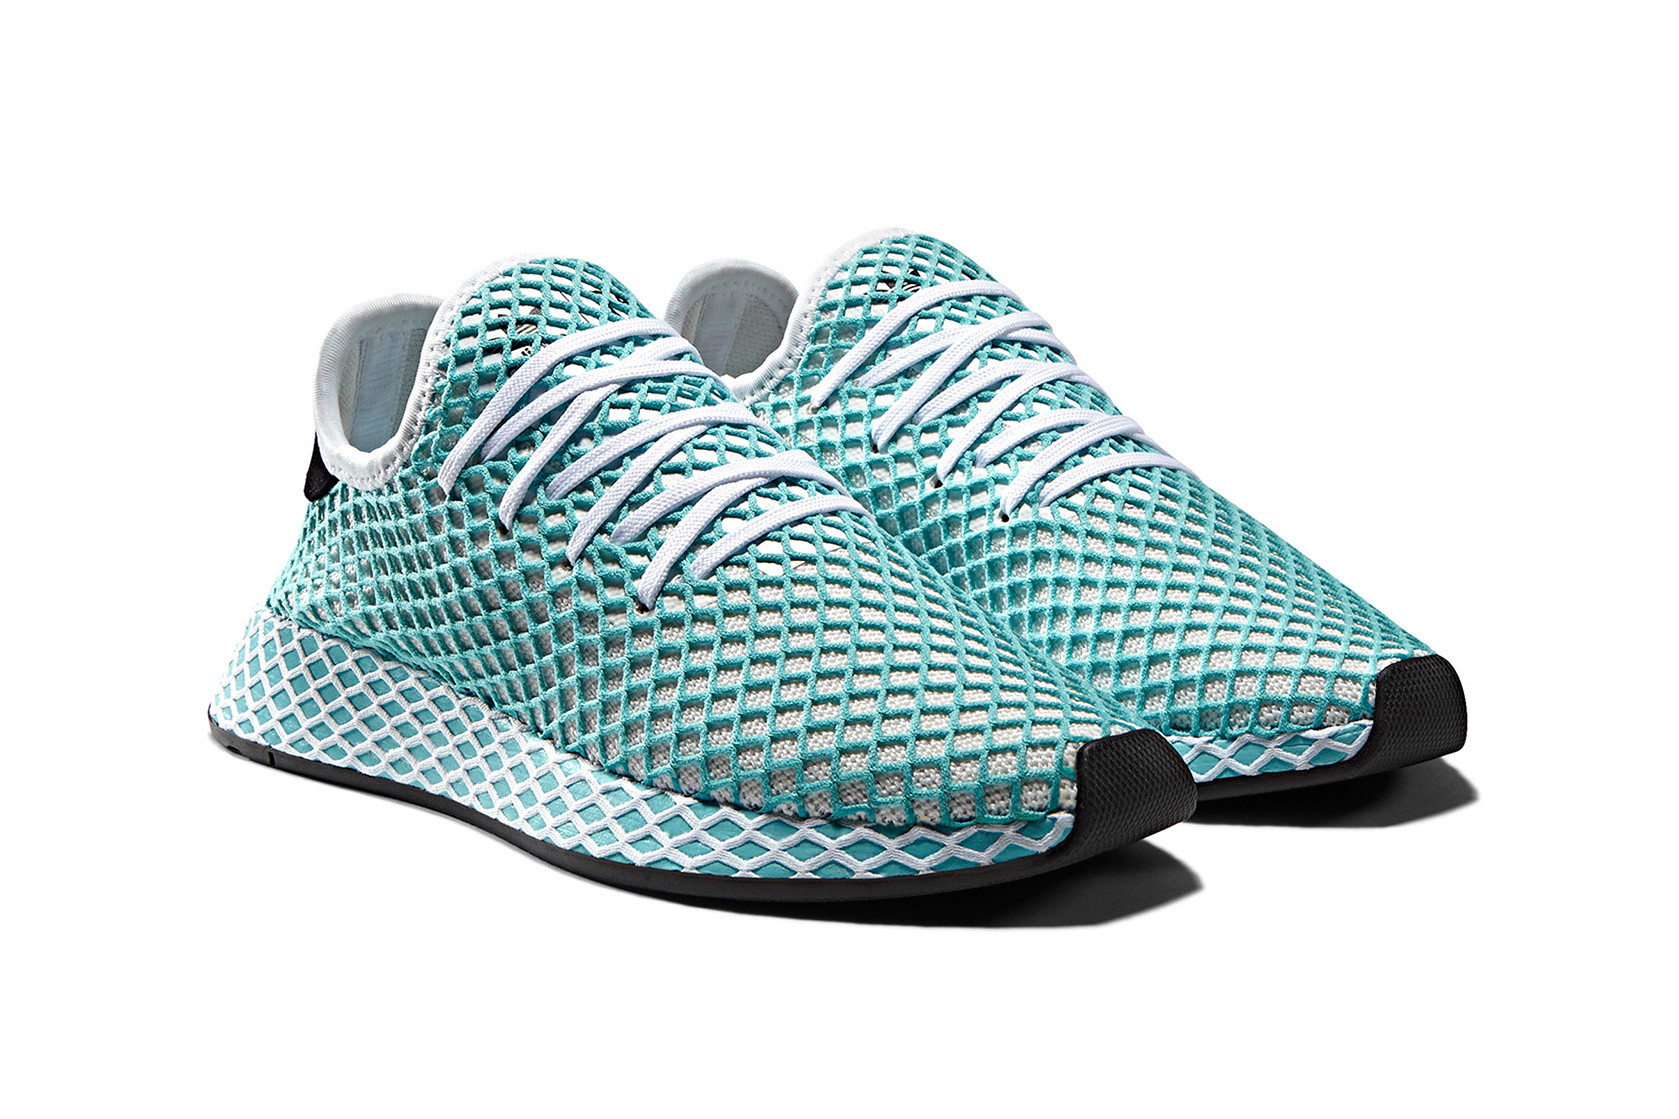 Oceans x adidas Originals Deerupt